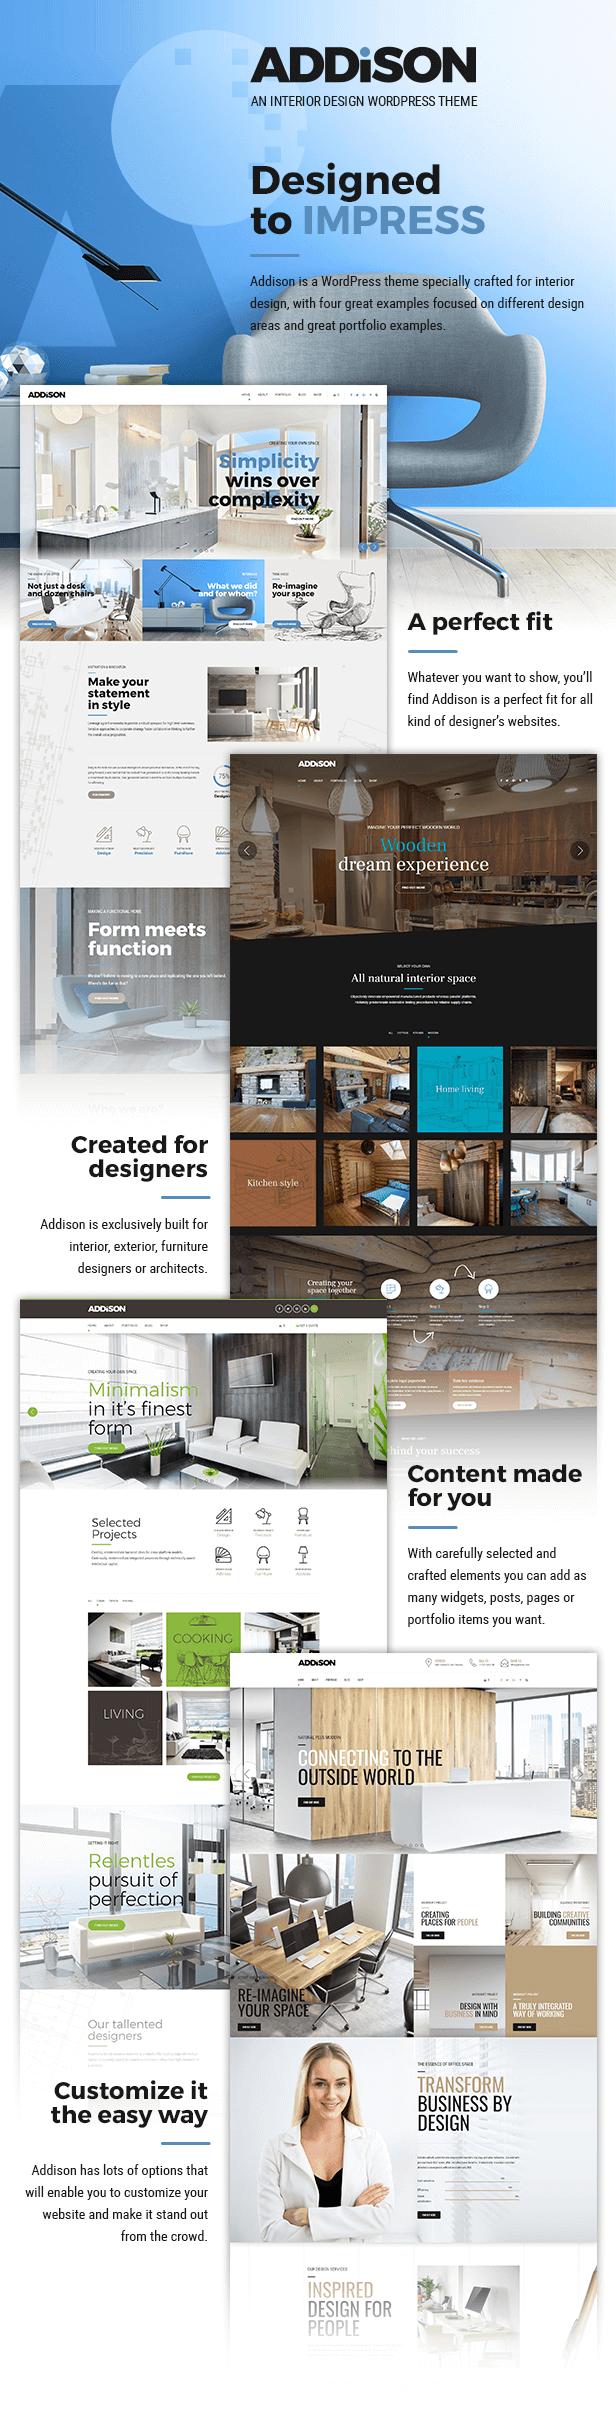 Addison Architecture Interior Design With Images Interior